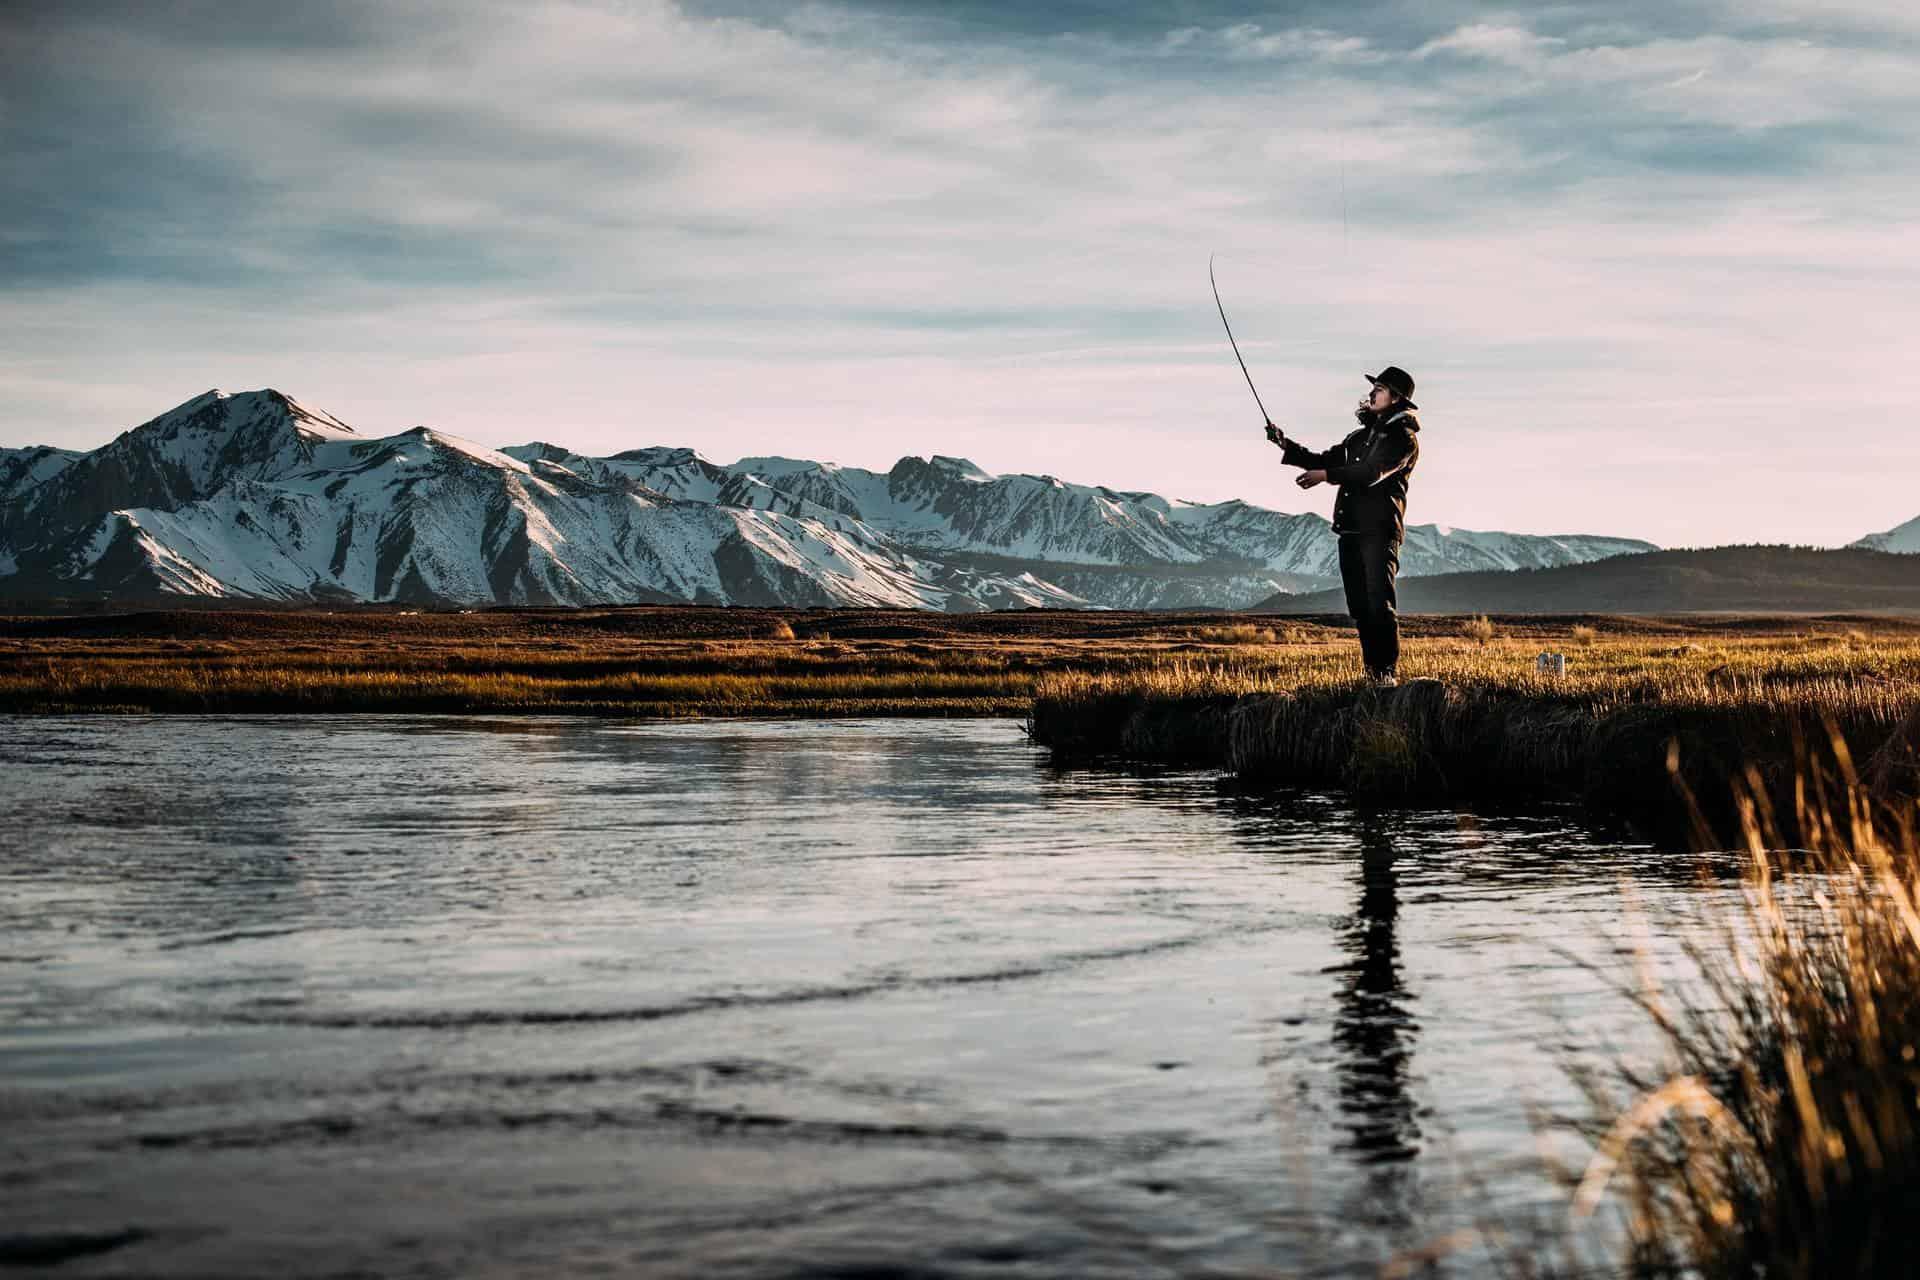 Få råd til det fiskeudstyr du drømmer om